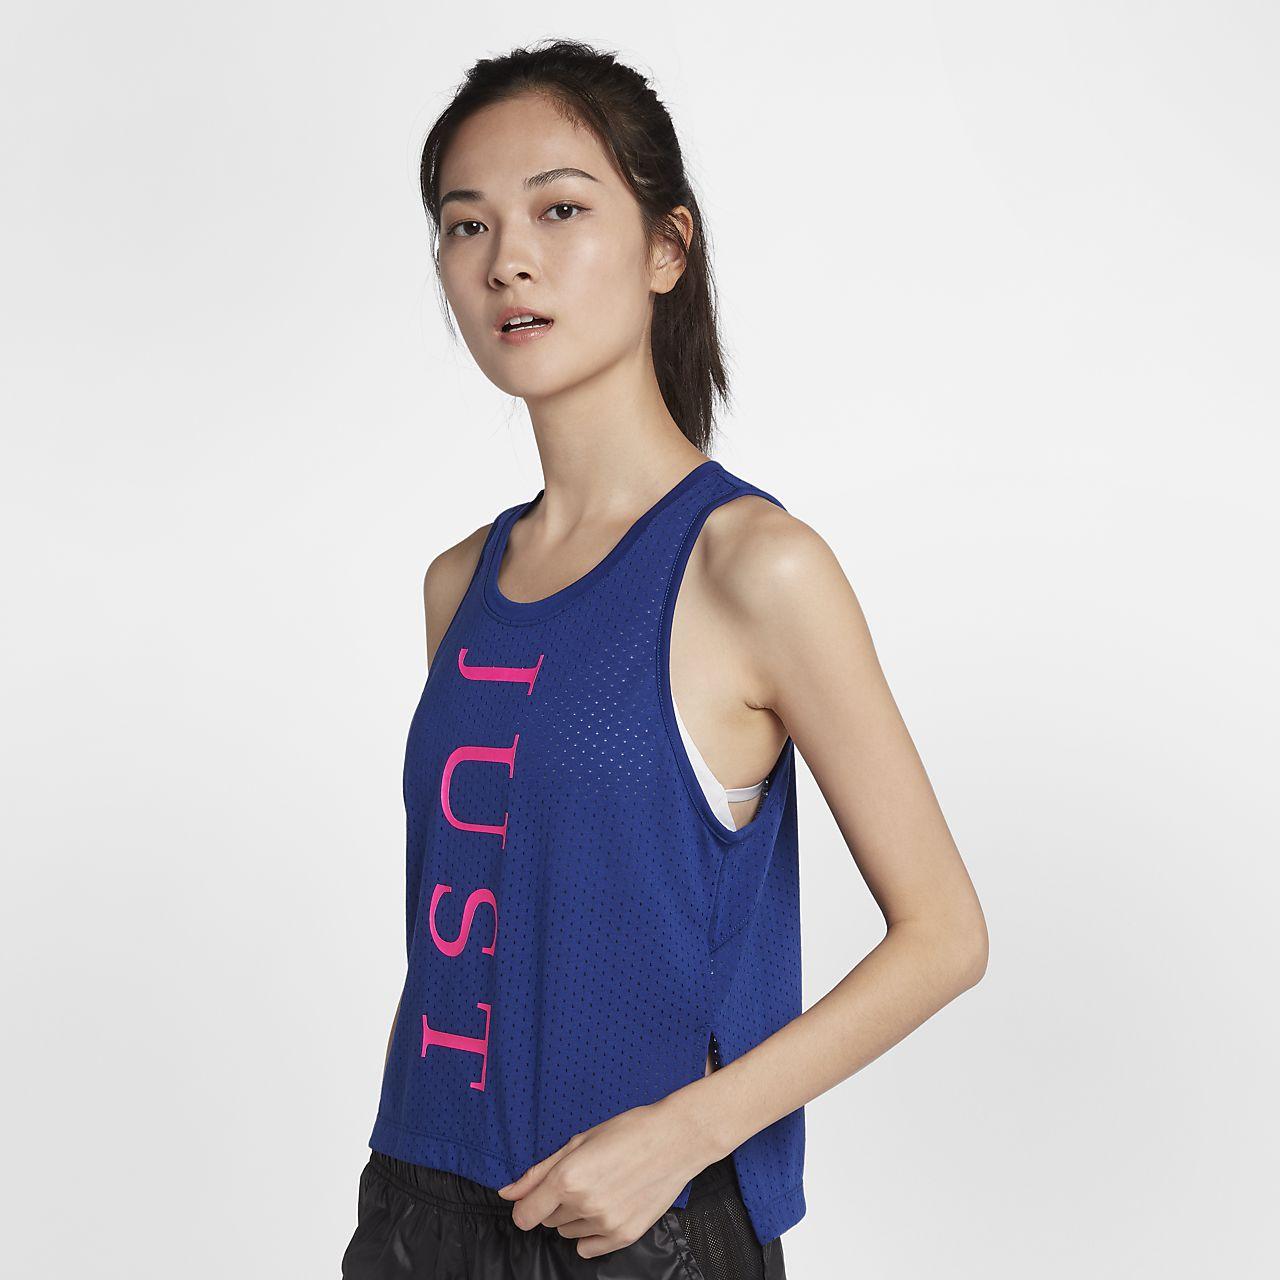 เสื้อกล้ามวิ่งผู้หญิง Nike Tailwind